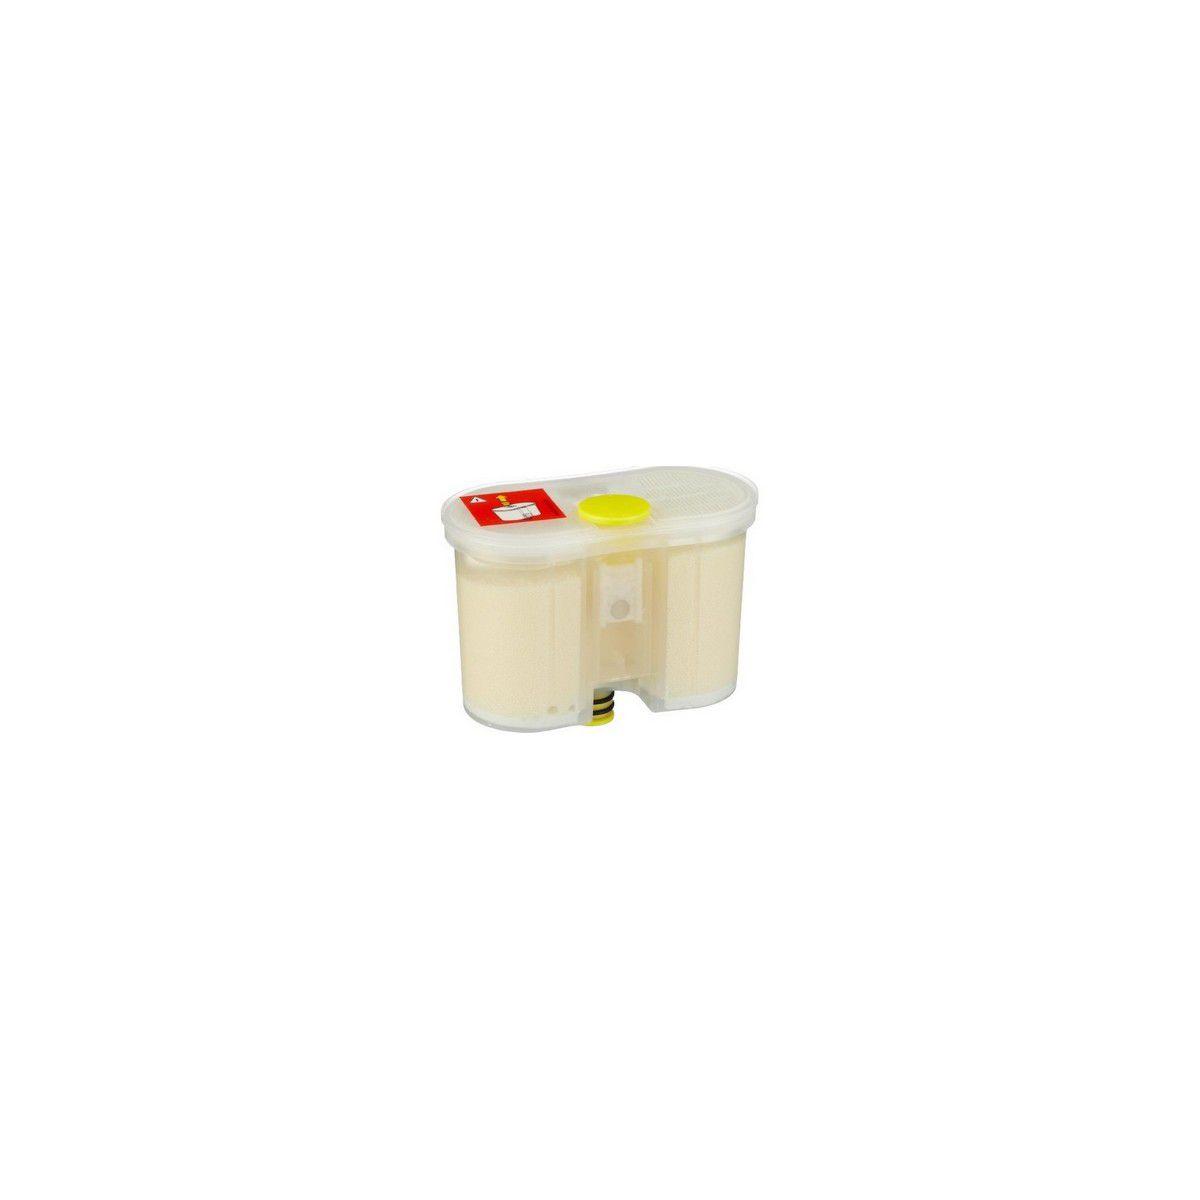 Cartouche filtrante delonghi anti calc vvx 18-- 16-- - 20% de remise imm�diate avec le code : deal20 (photo)